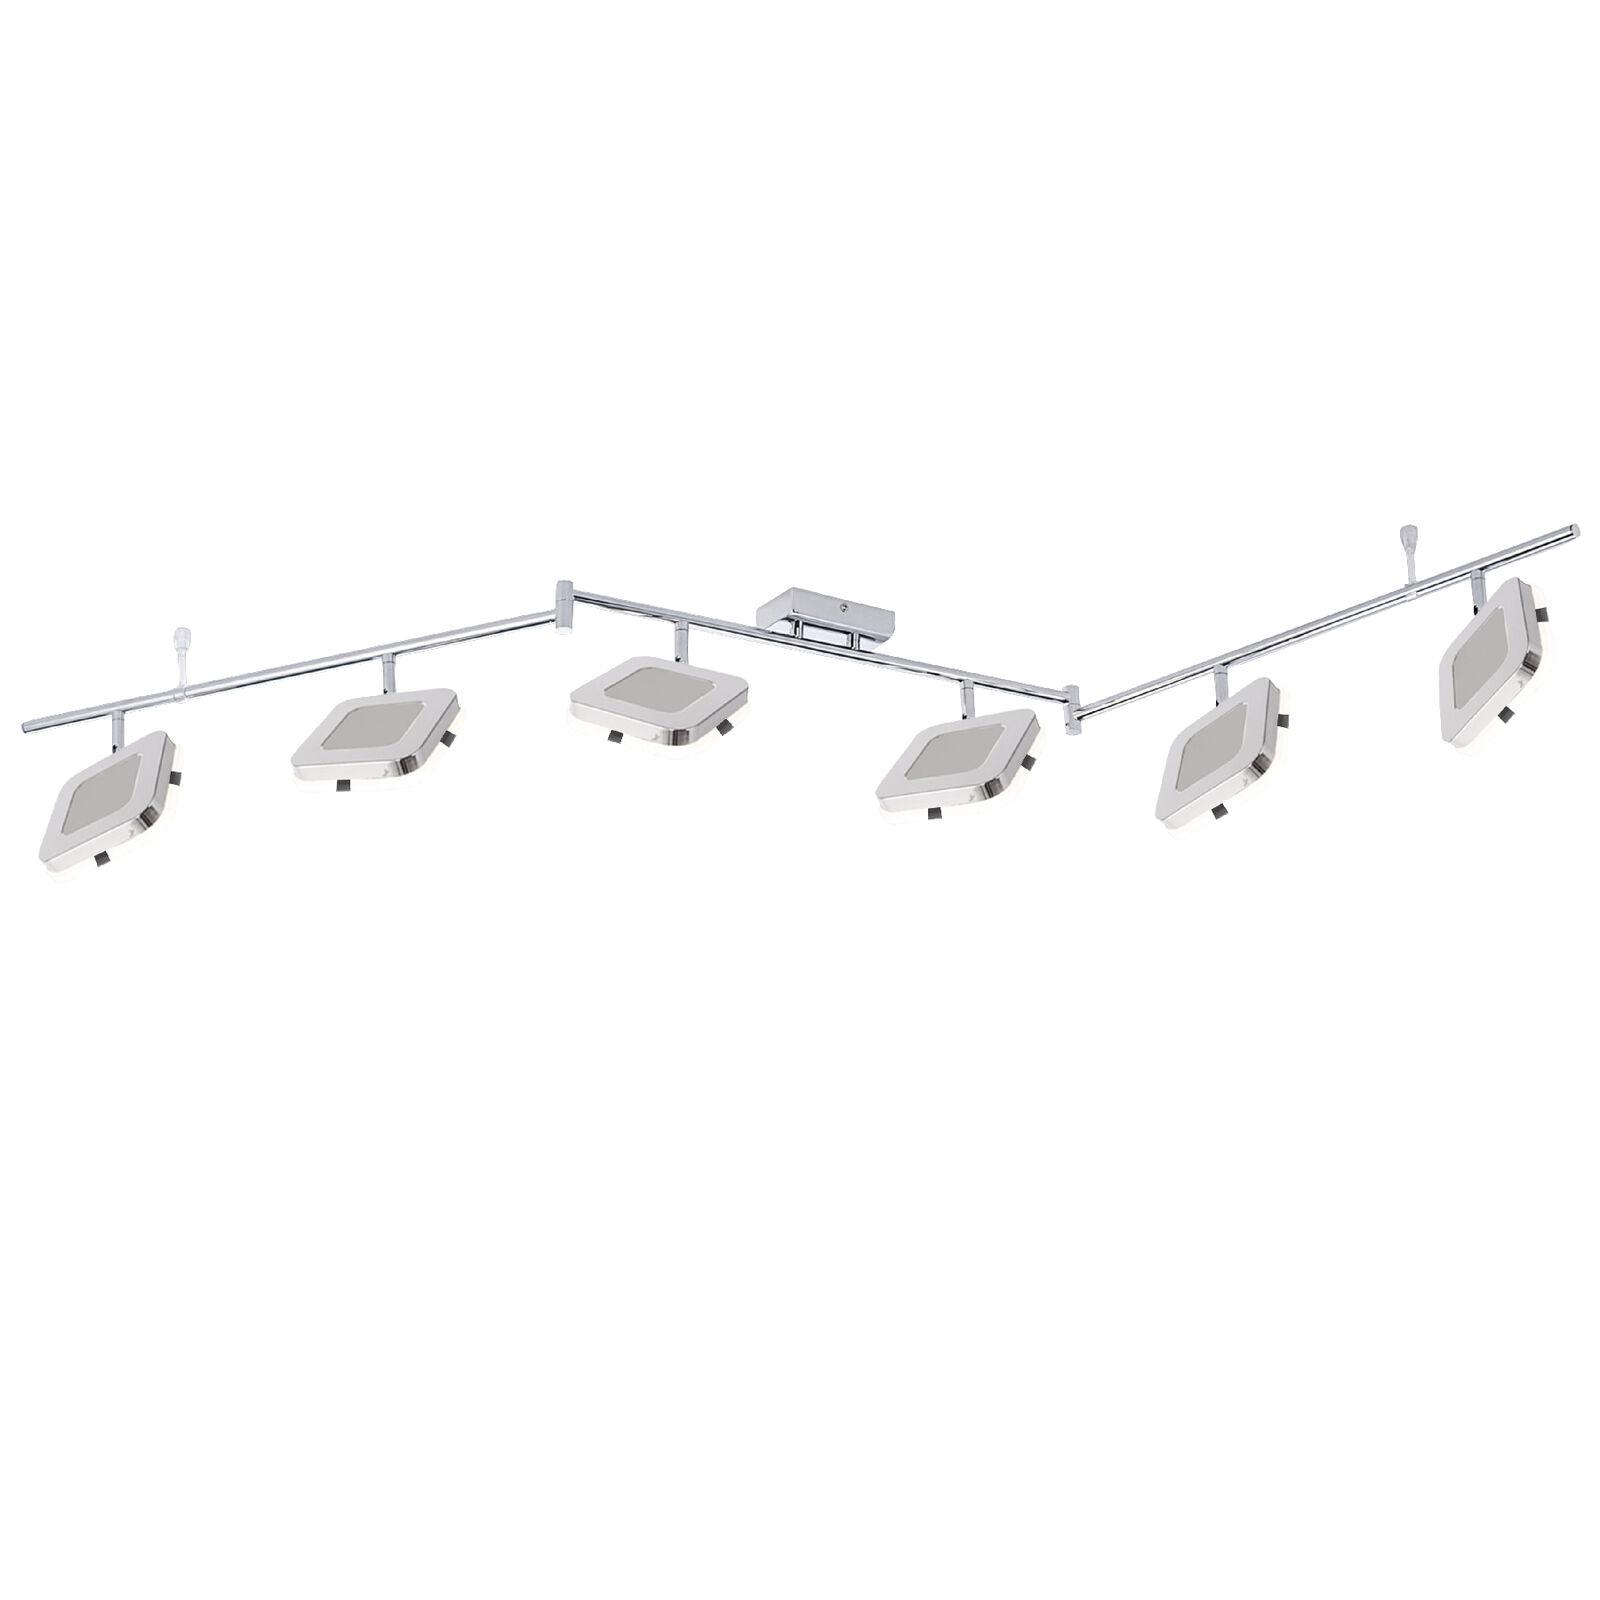 LED Deckenleuchte 6er Spotbalken Paul Neuhaus Quarto 11076-17 Flurlampe Strahler